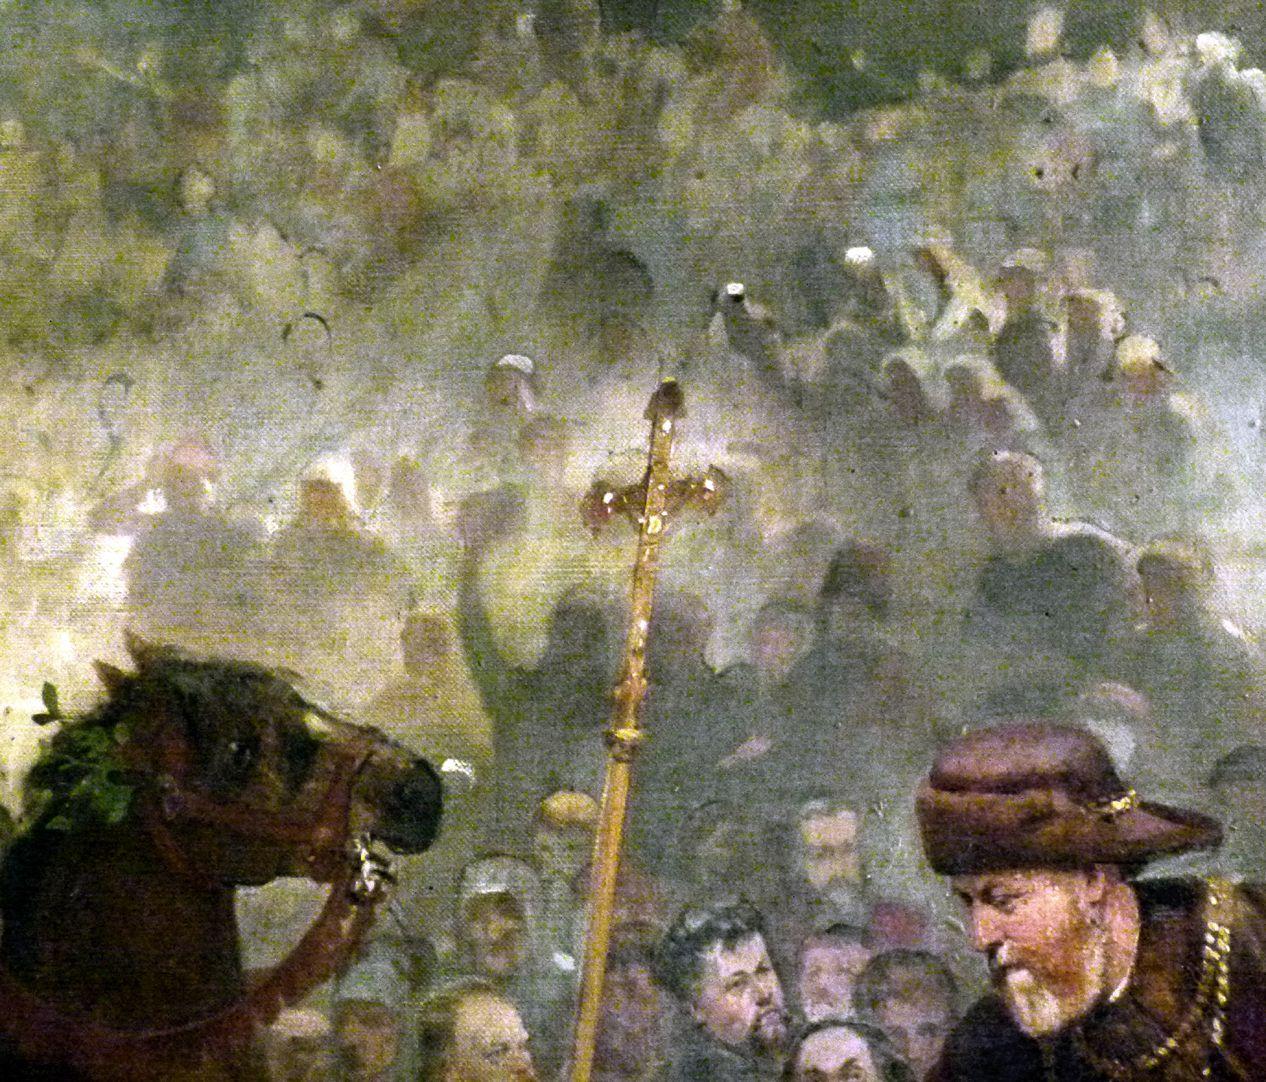 Die Einbringung der Reichskleinodien in Nürnberg am 22. März 1424 Prozessionskreuz